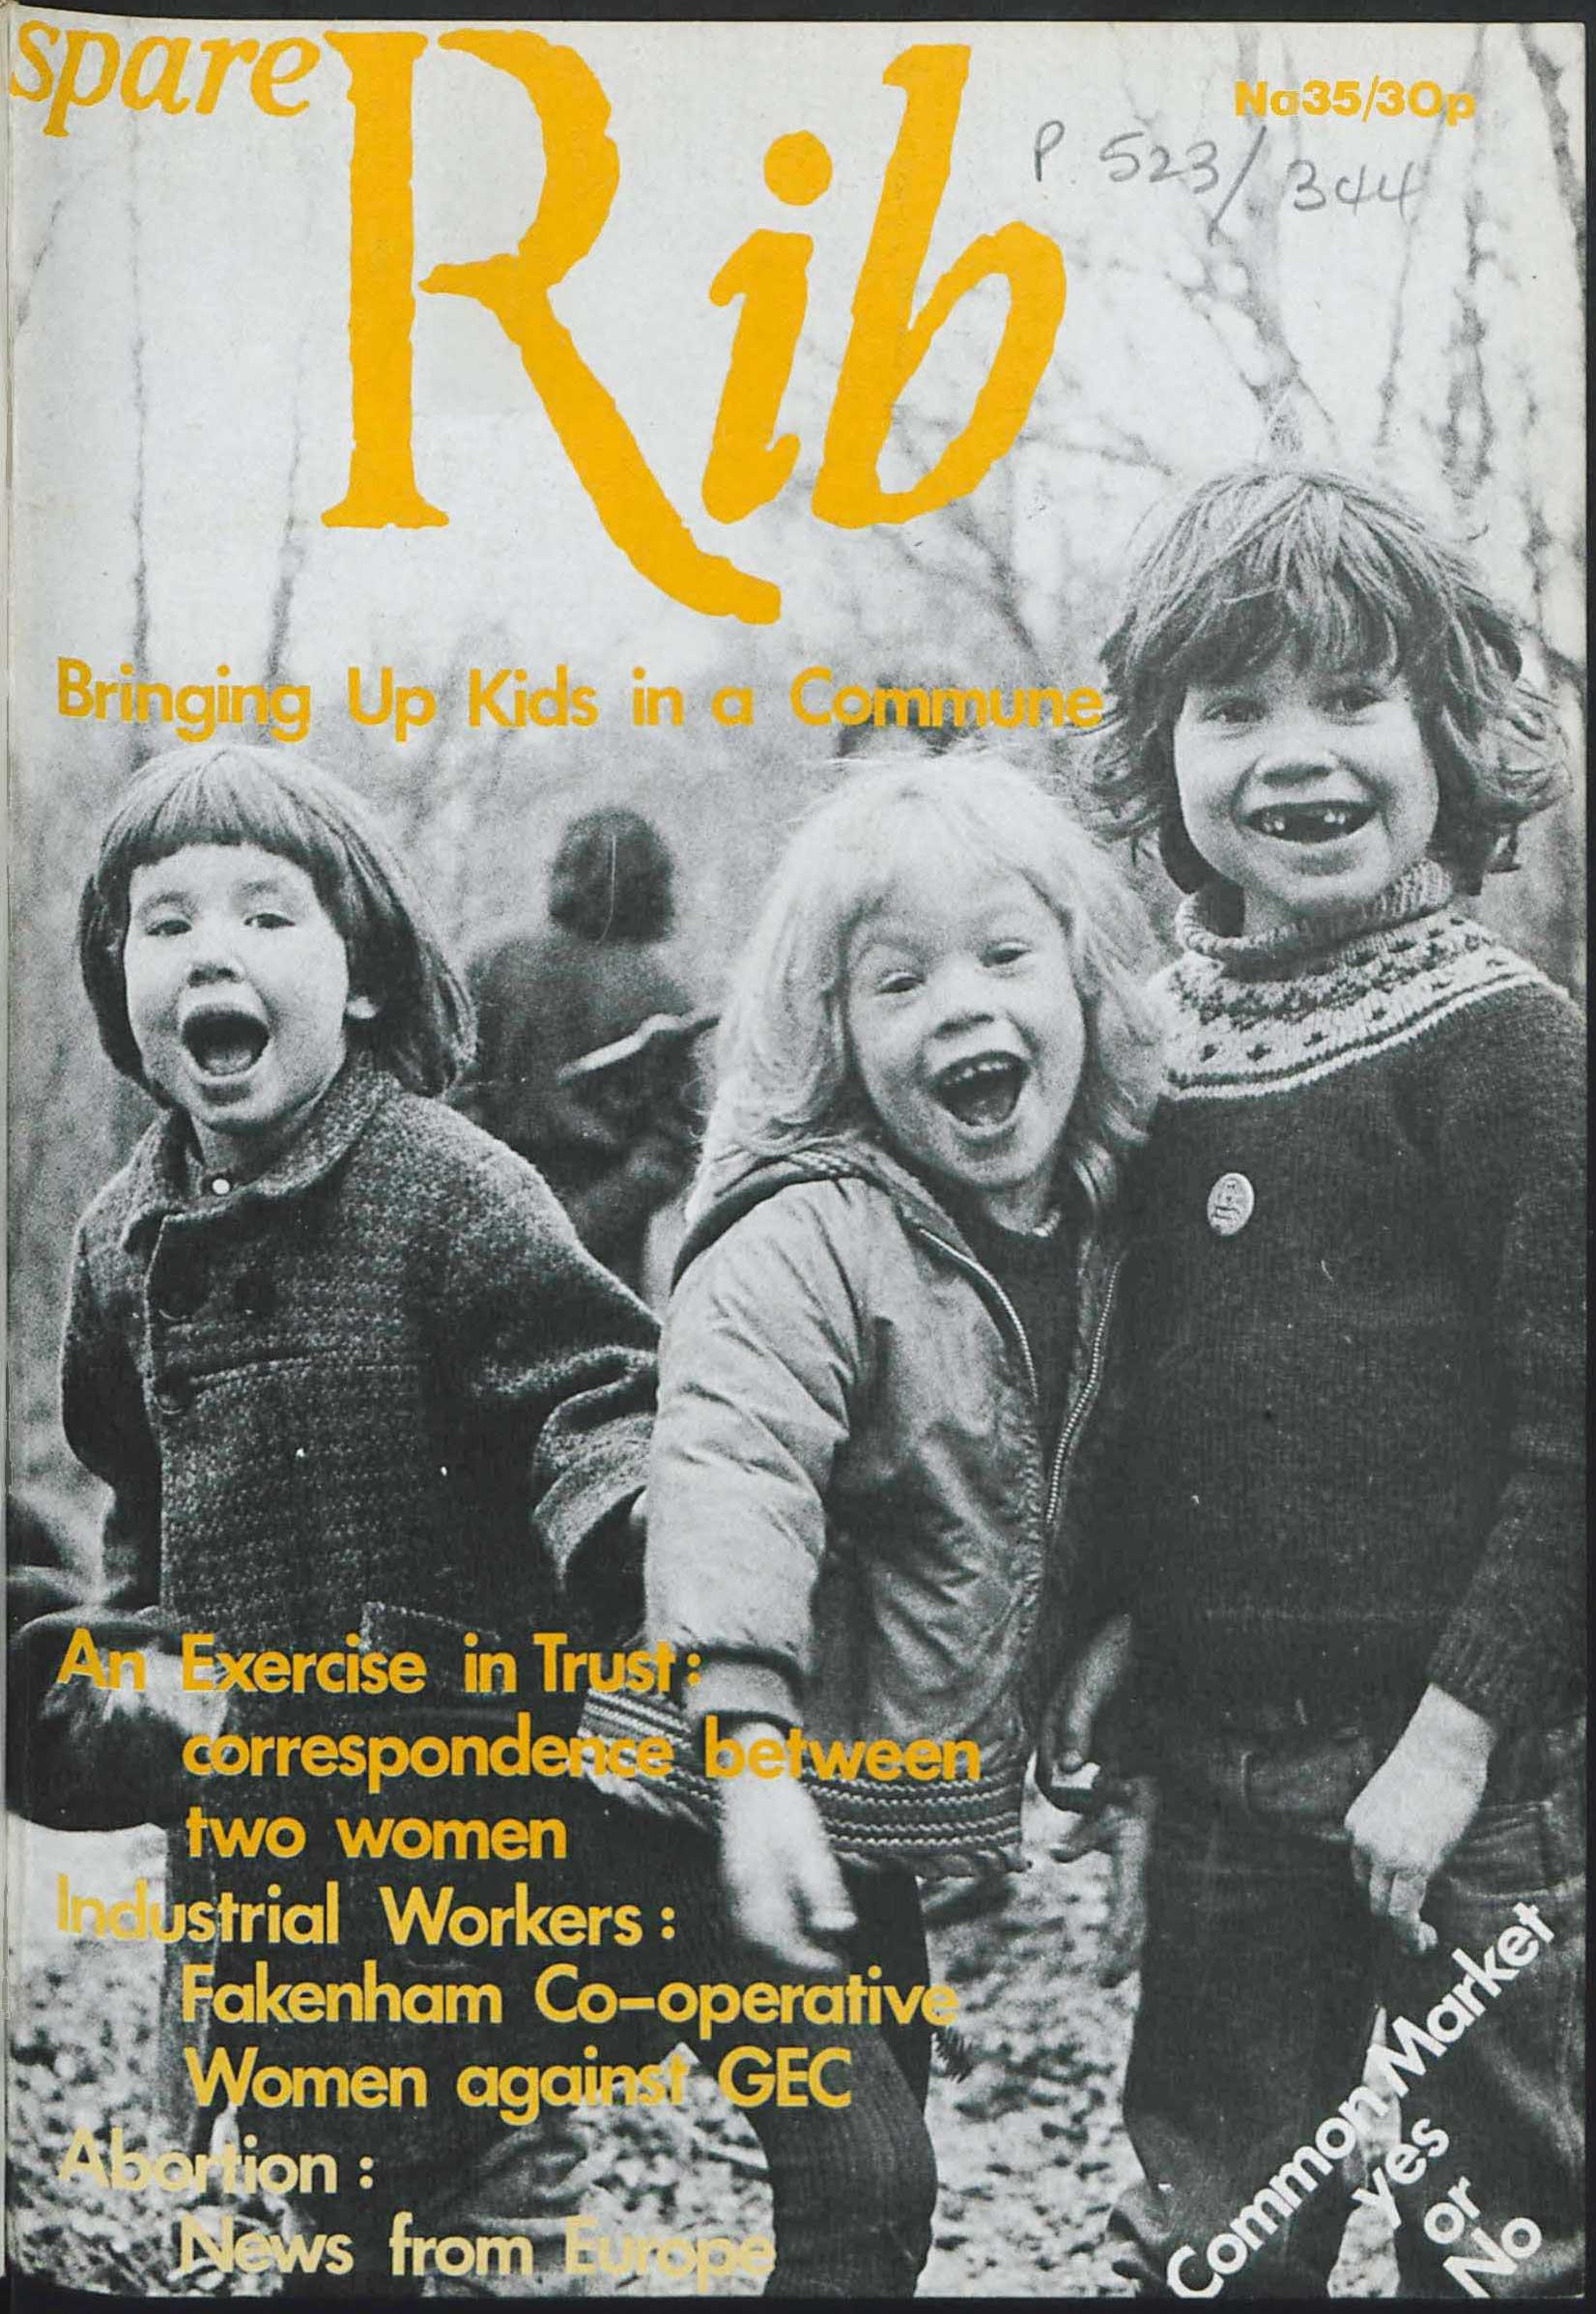 Spare Rib magazine issue 35 p. 1